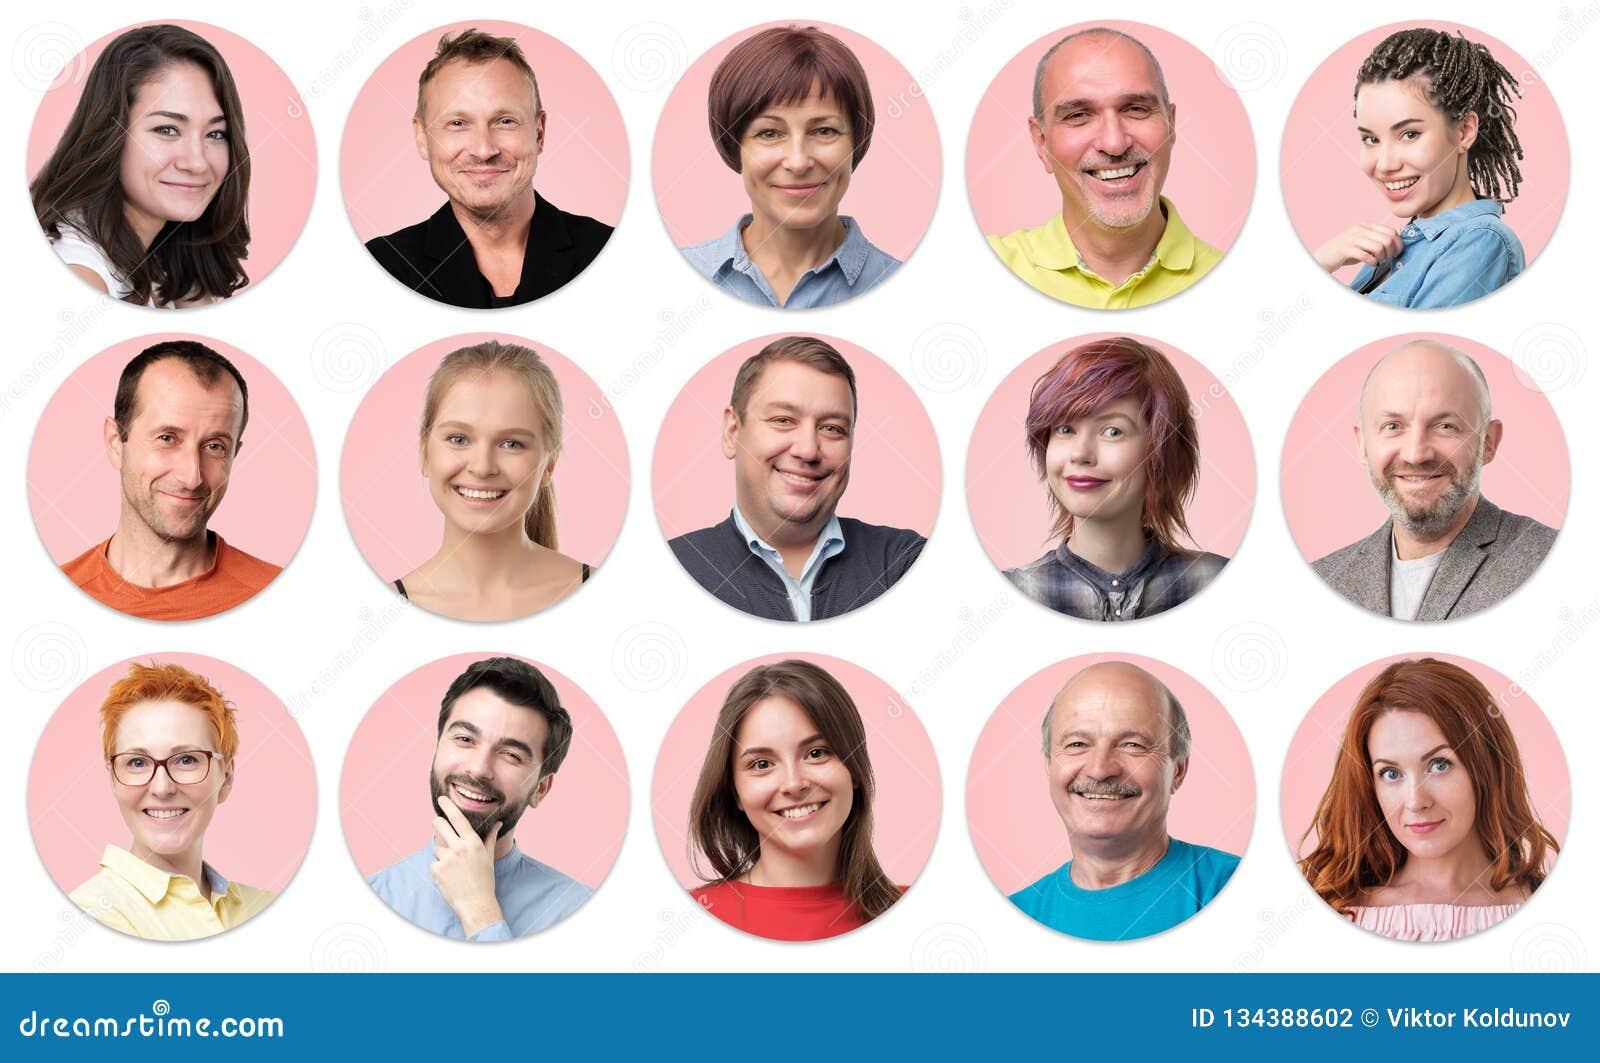 Colección de avatar del círculo de la gente Caras de los hombres jovenes y mayores y de las mujeres en color rosado